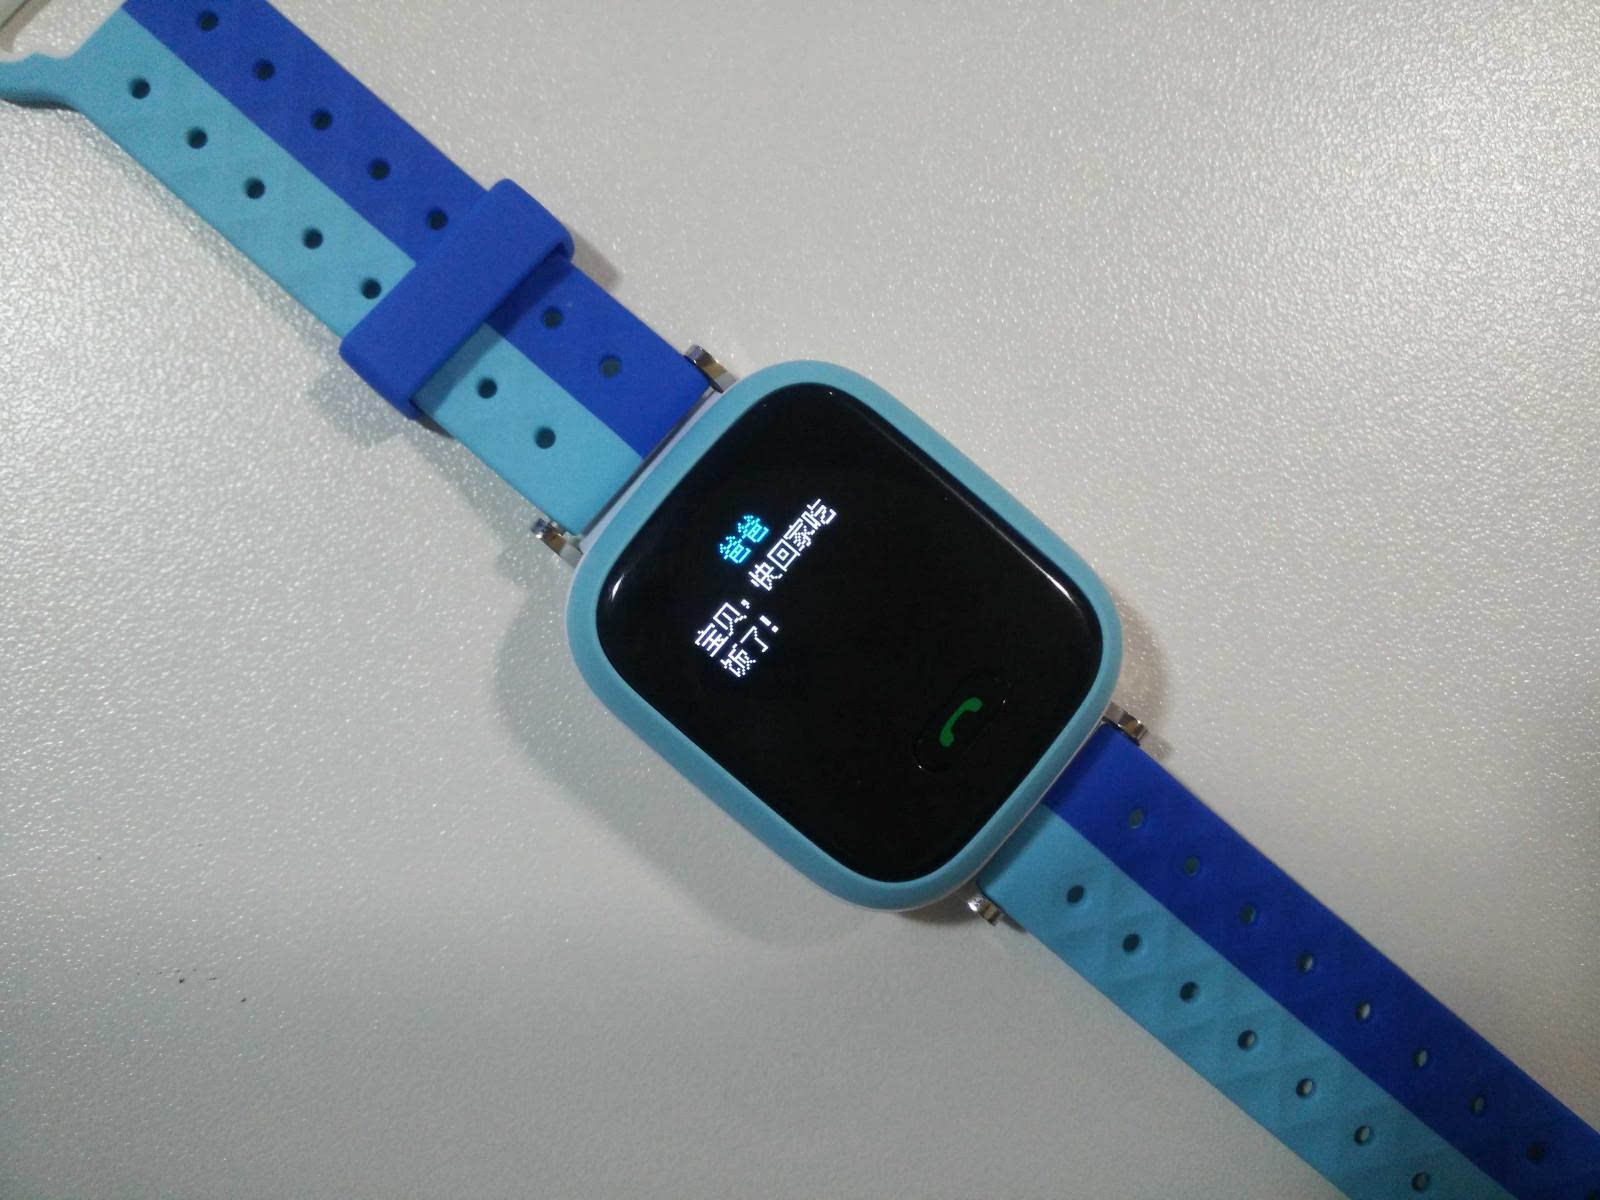 京东智能节 戴上手表,安心守护 小天才Y02体验